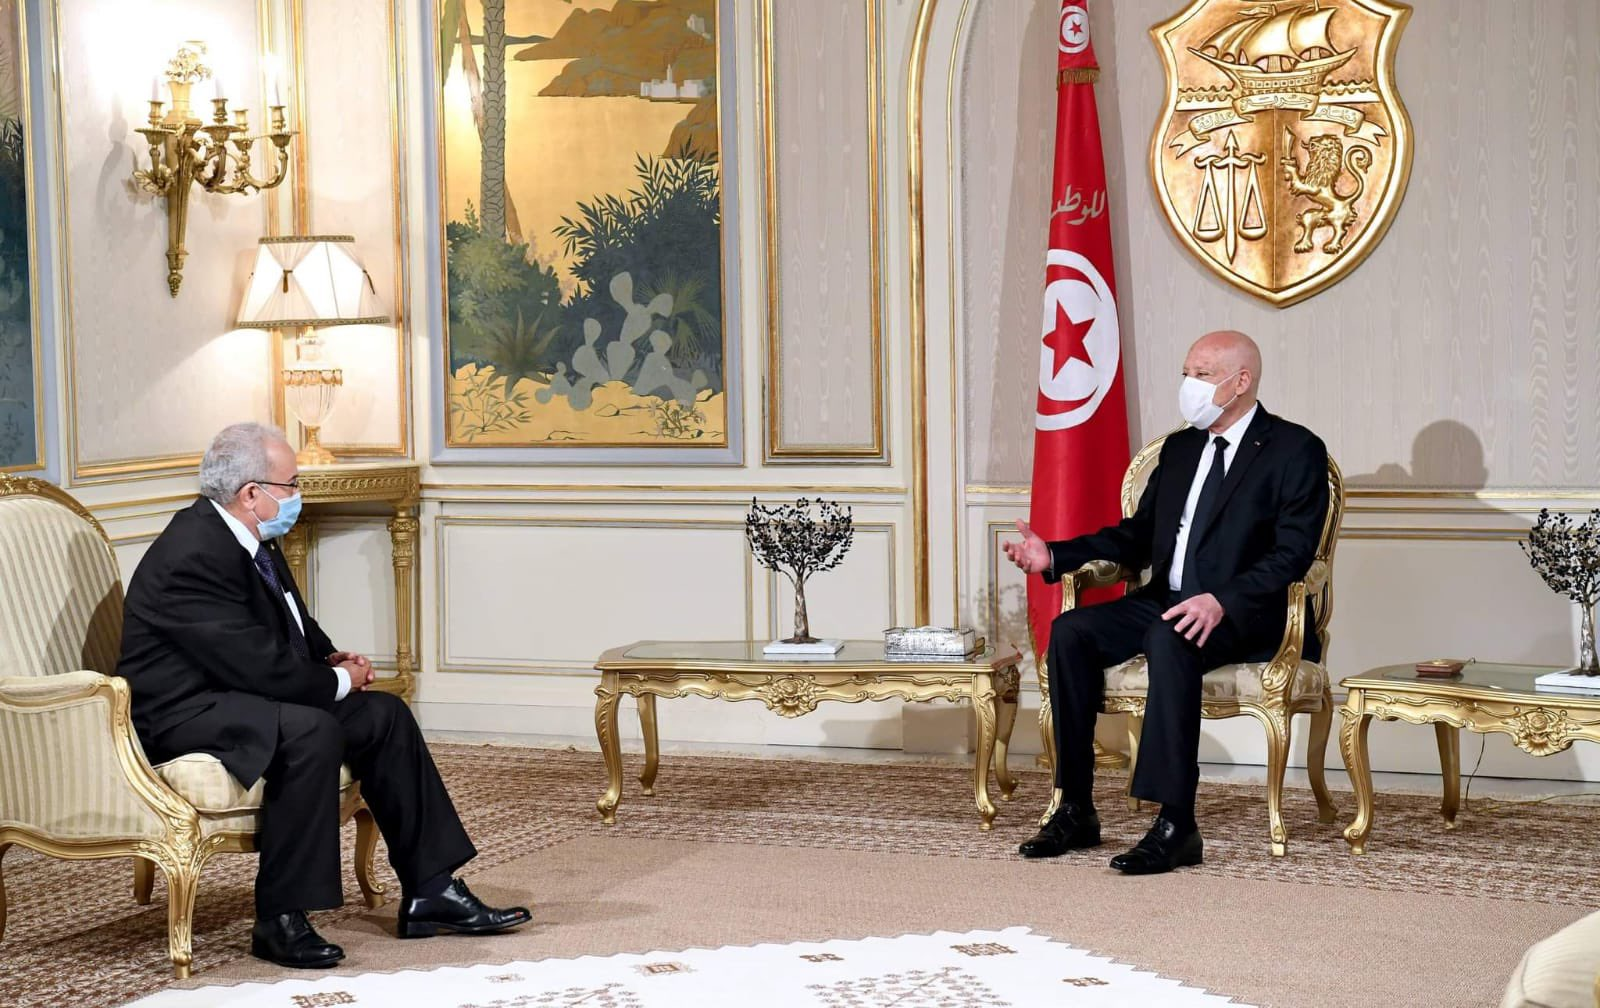 الجزائر توضح موقفها الرسمي من انقلاب قيس سعيد بعد انتشار خبر كاذب أثار بلبلة